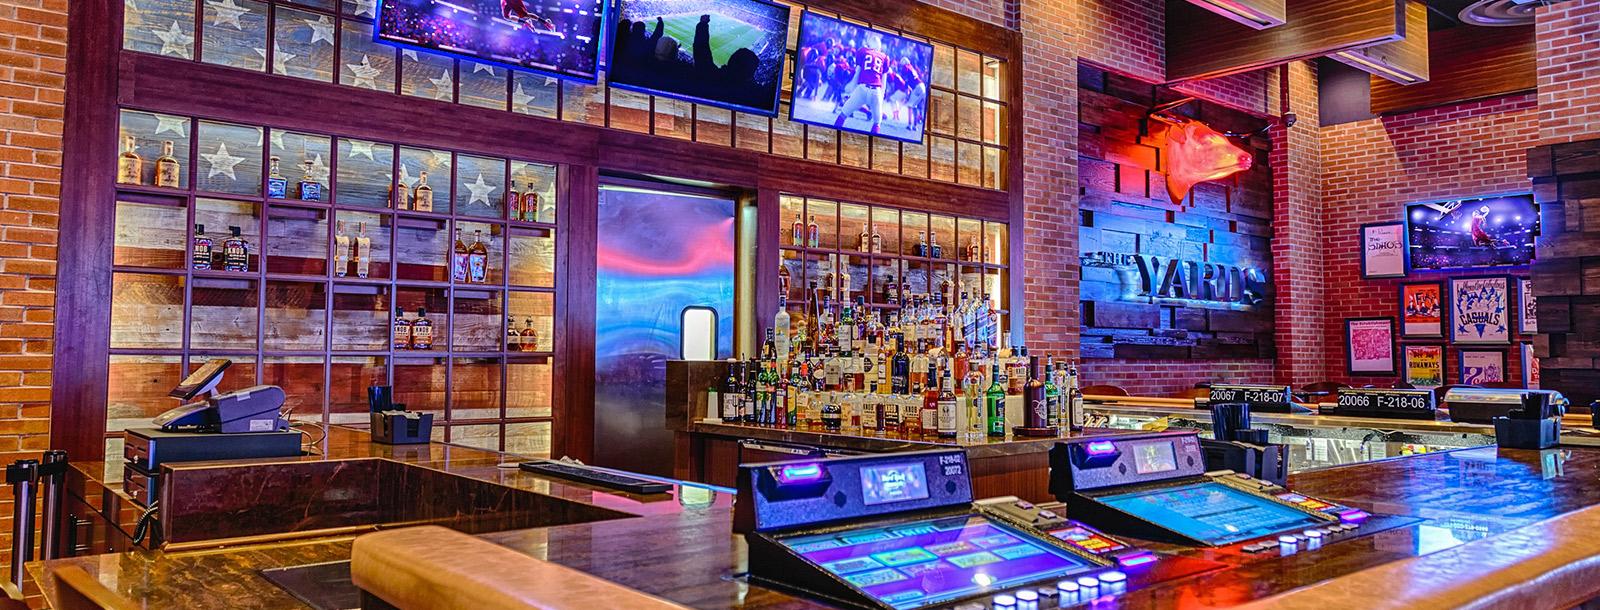 yards bar sioux city nightlife